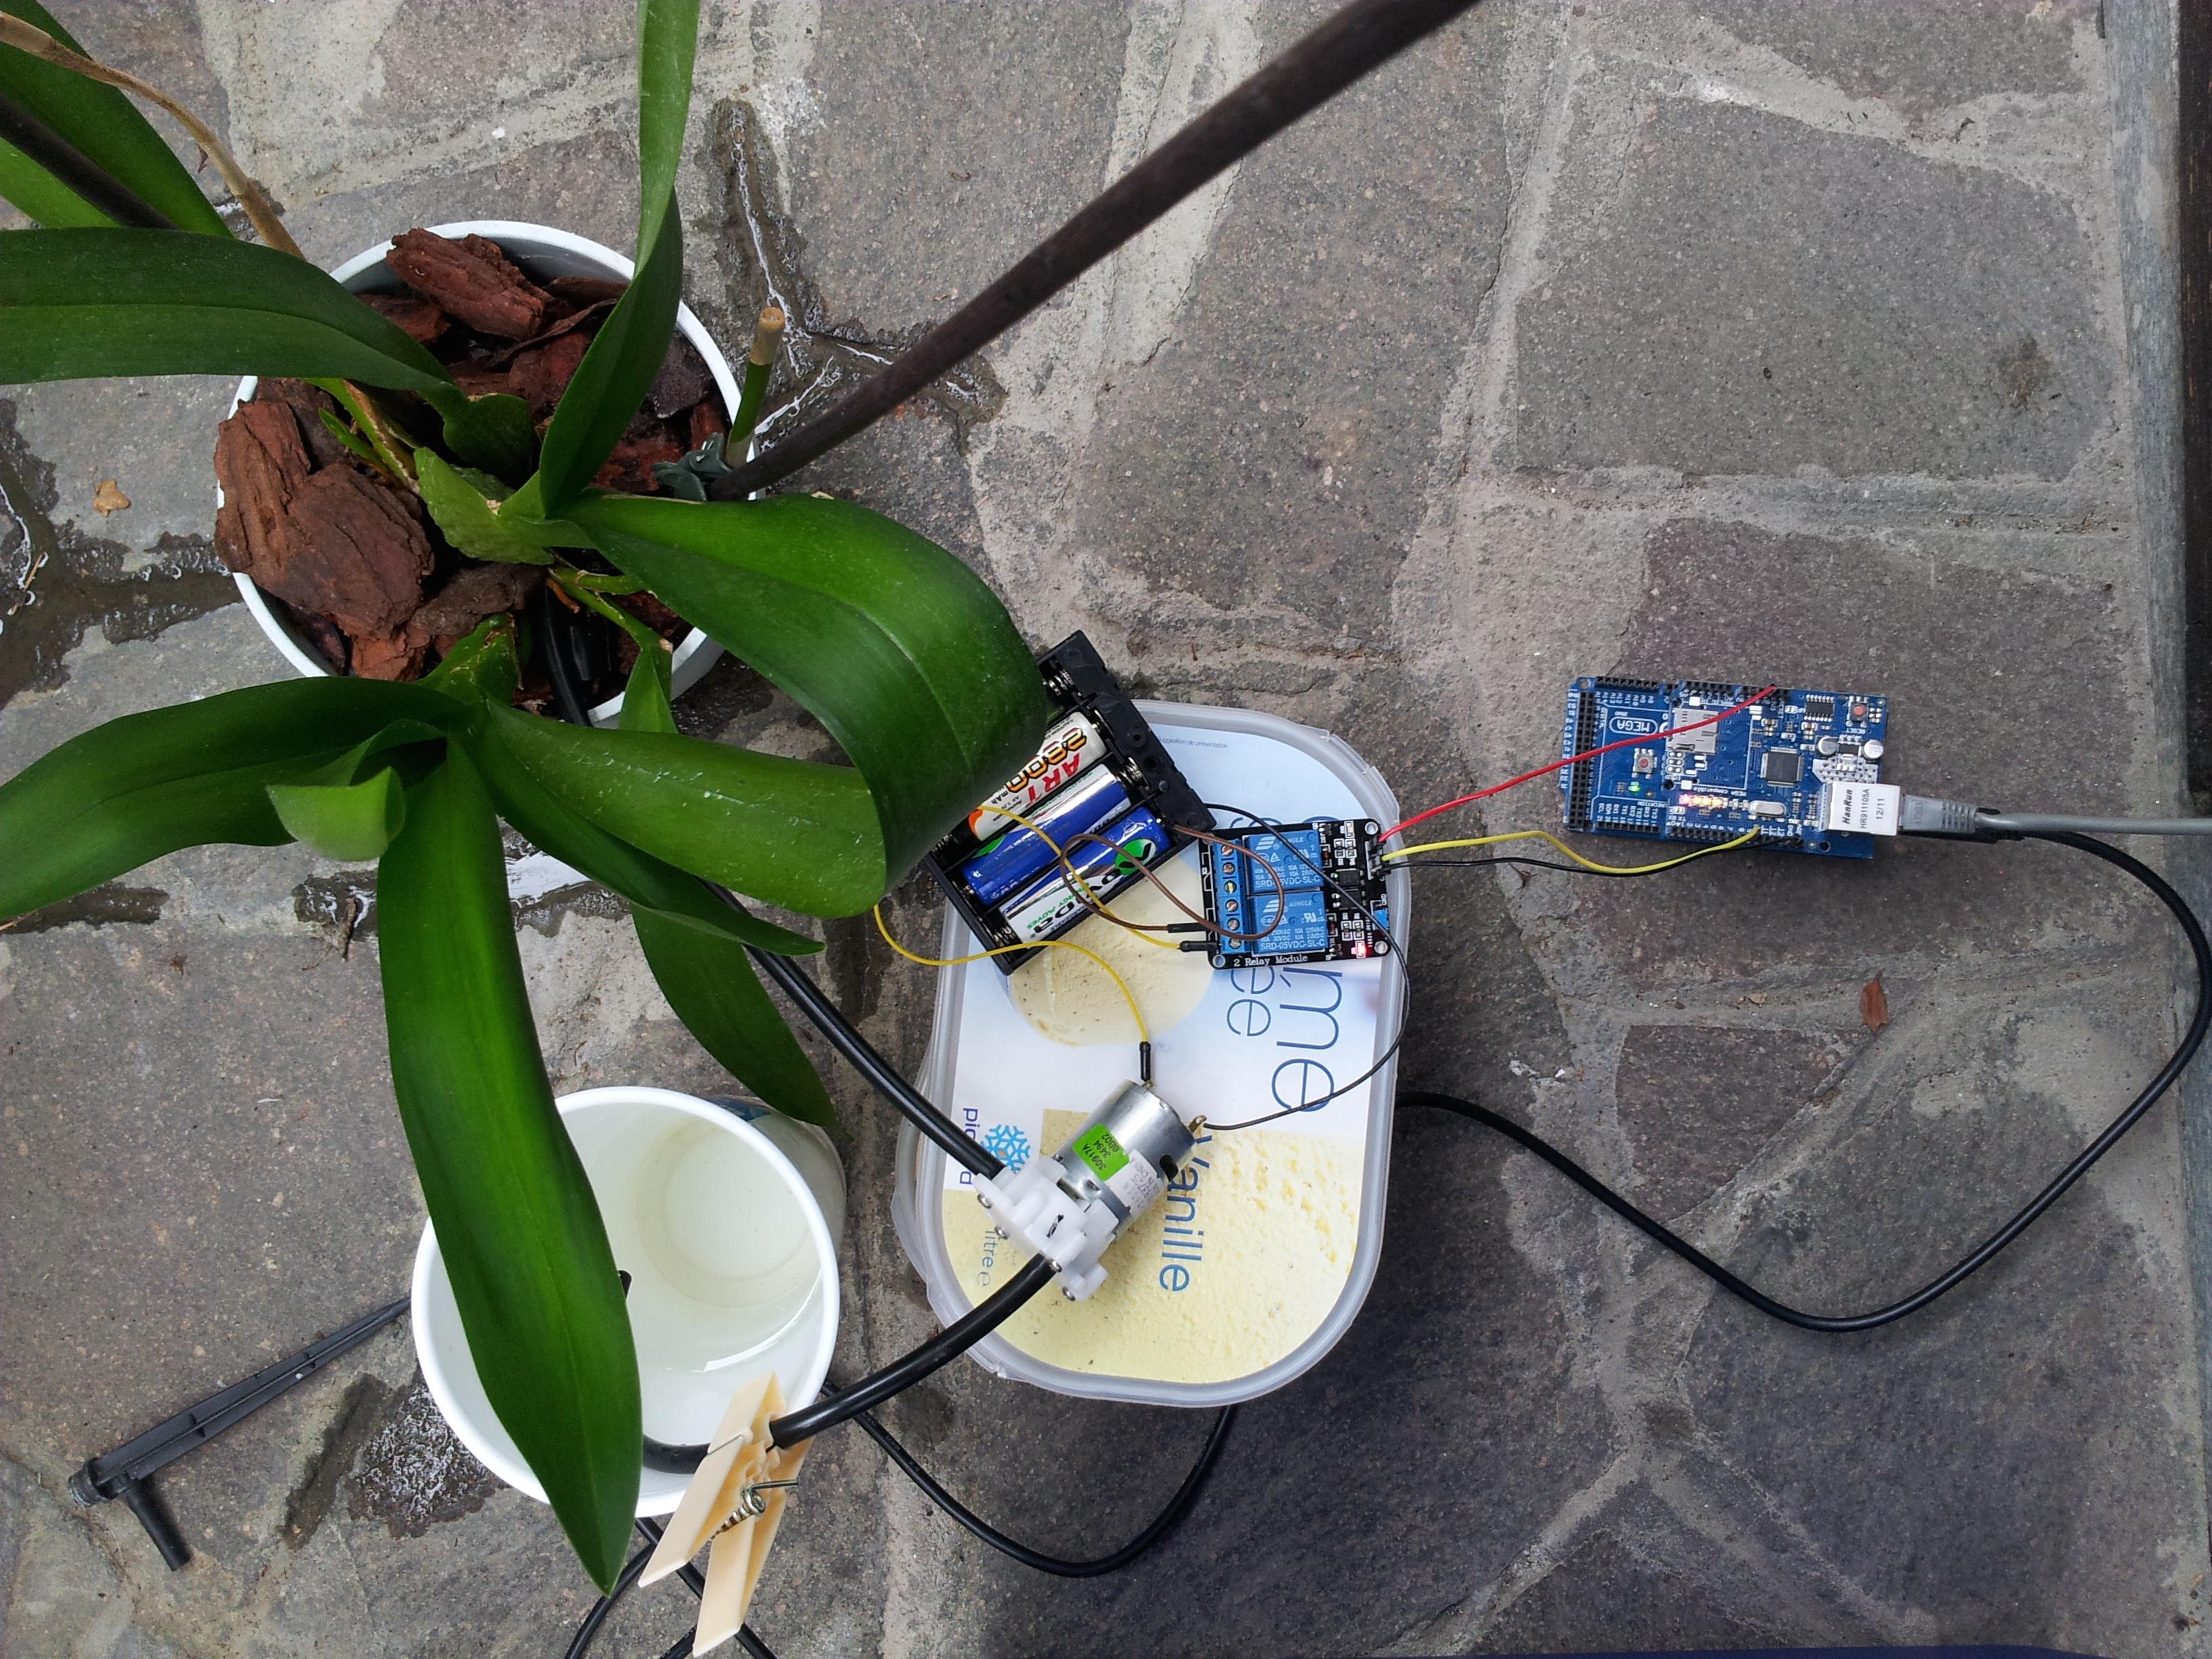 Sistema di irrigazione, per bagnare una pianta da remoto con Arduino